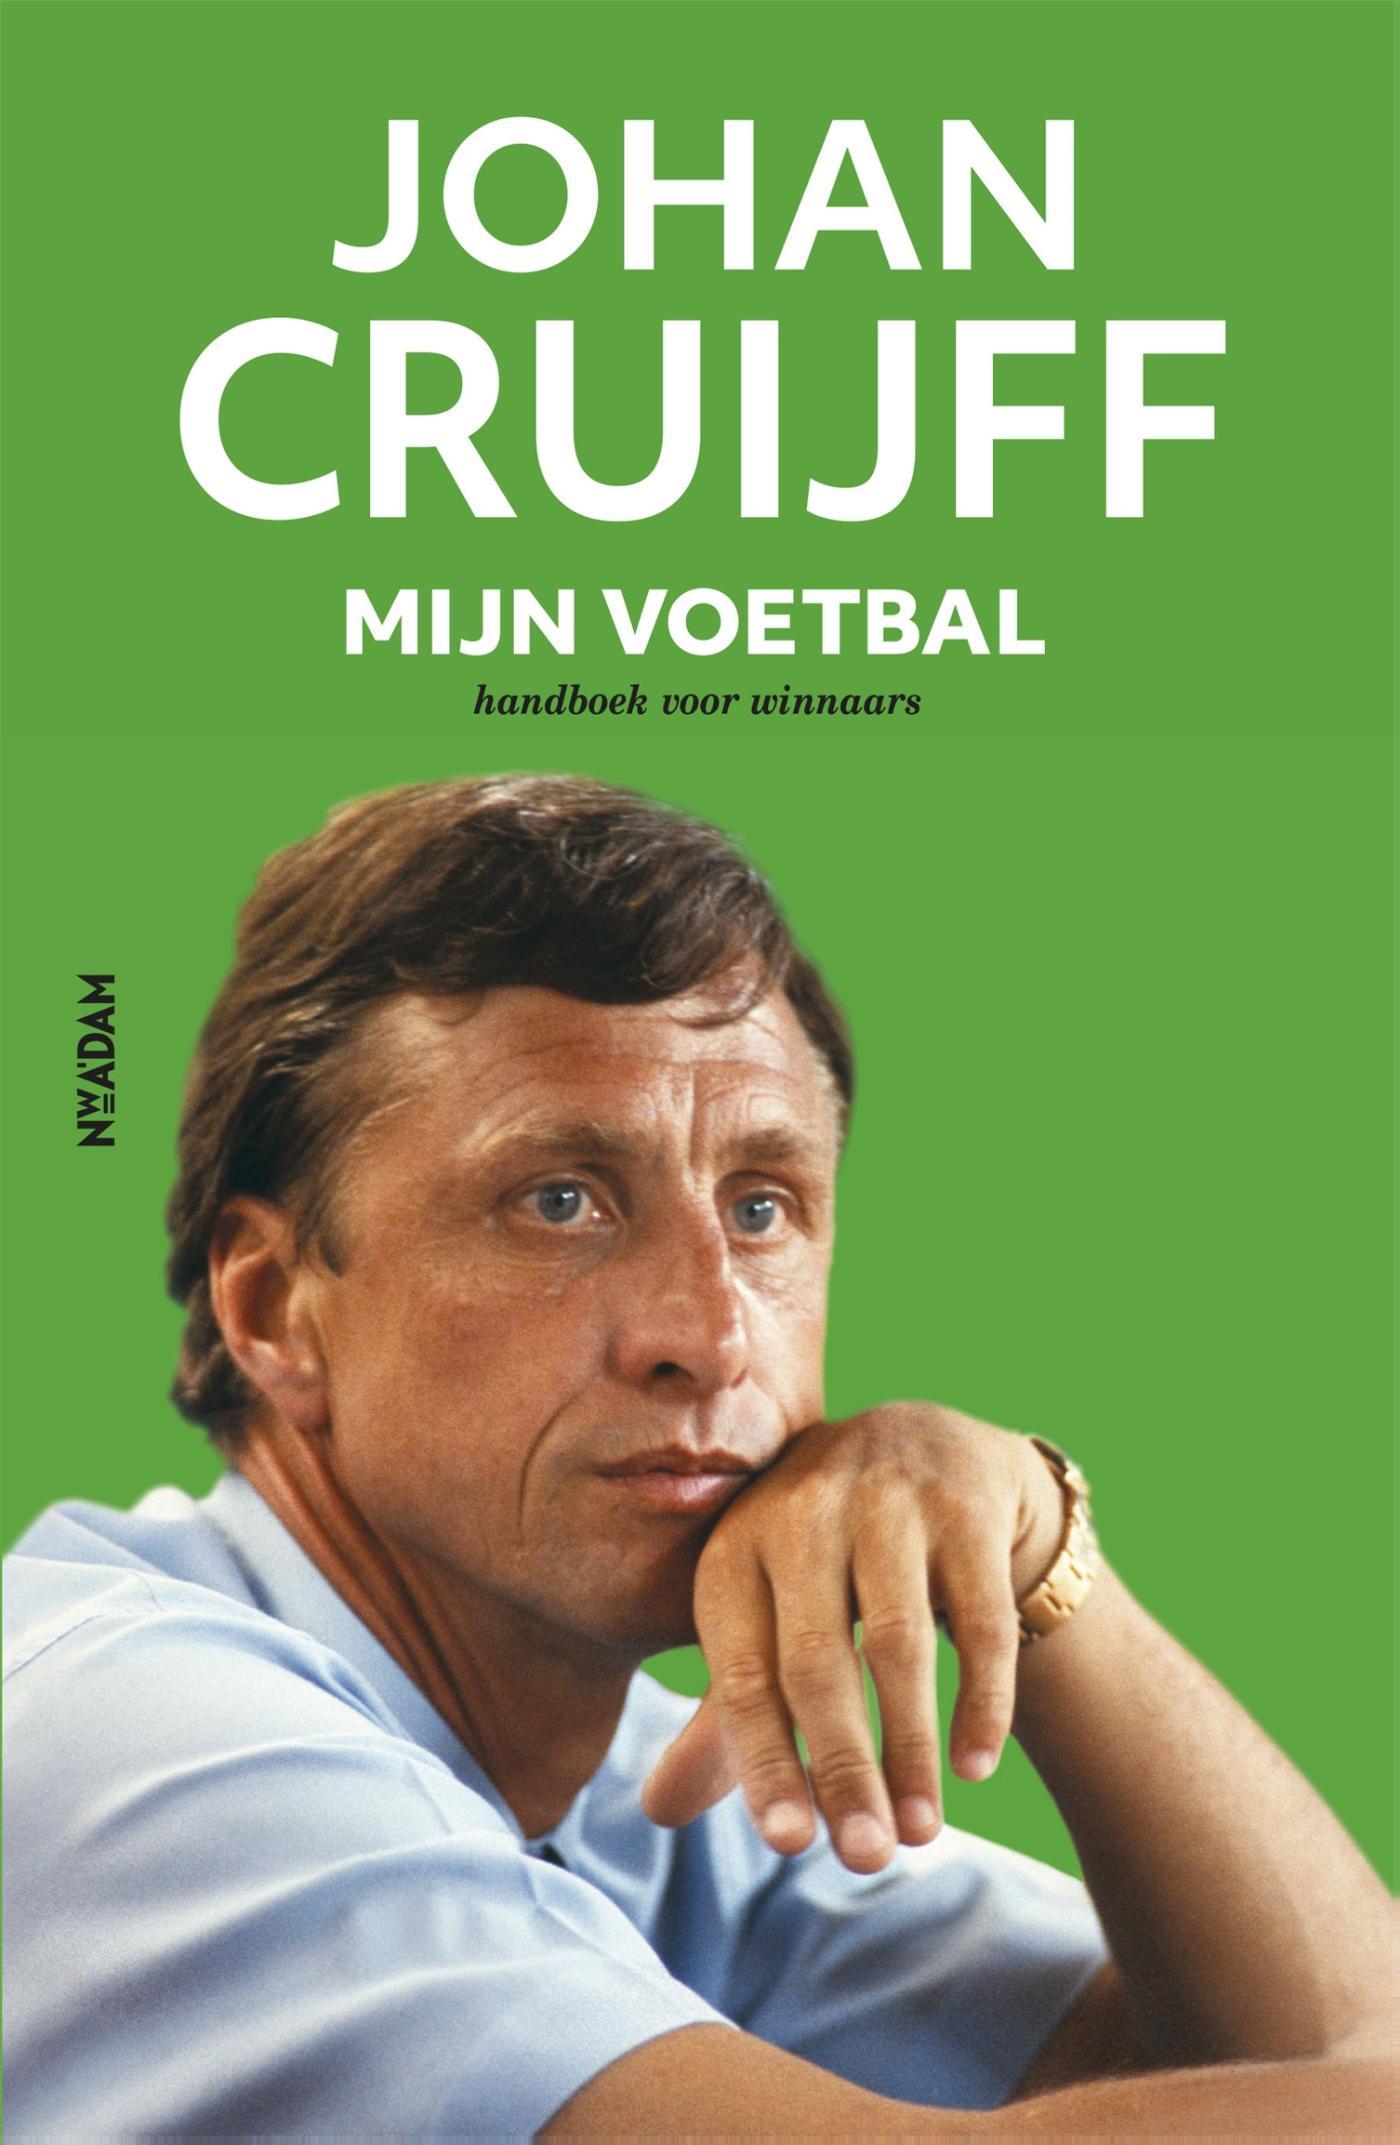 Cover Johan Cruijff - Mijn voetbal